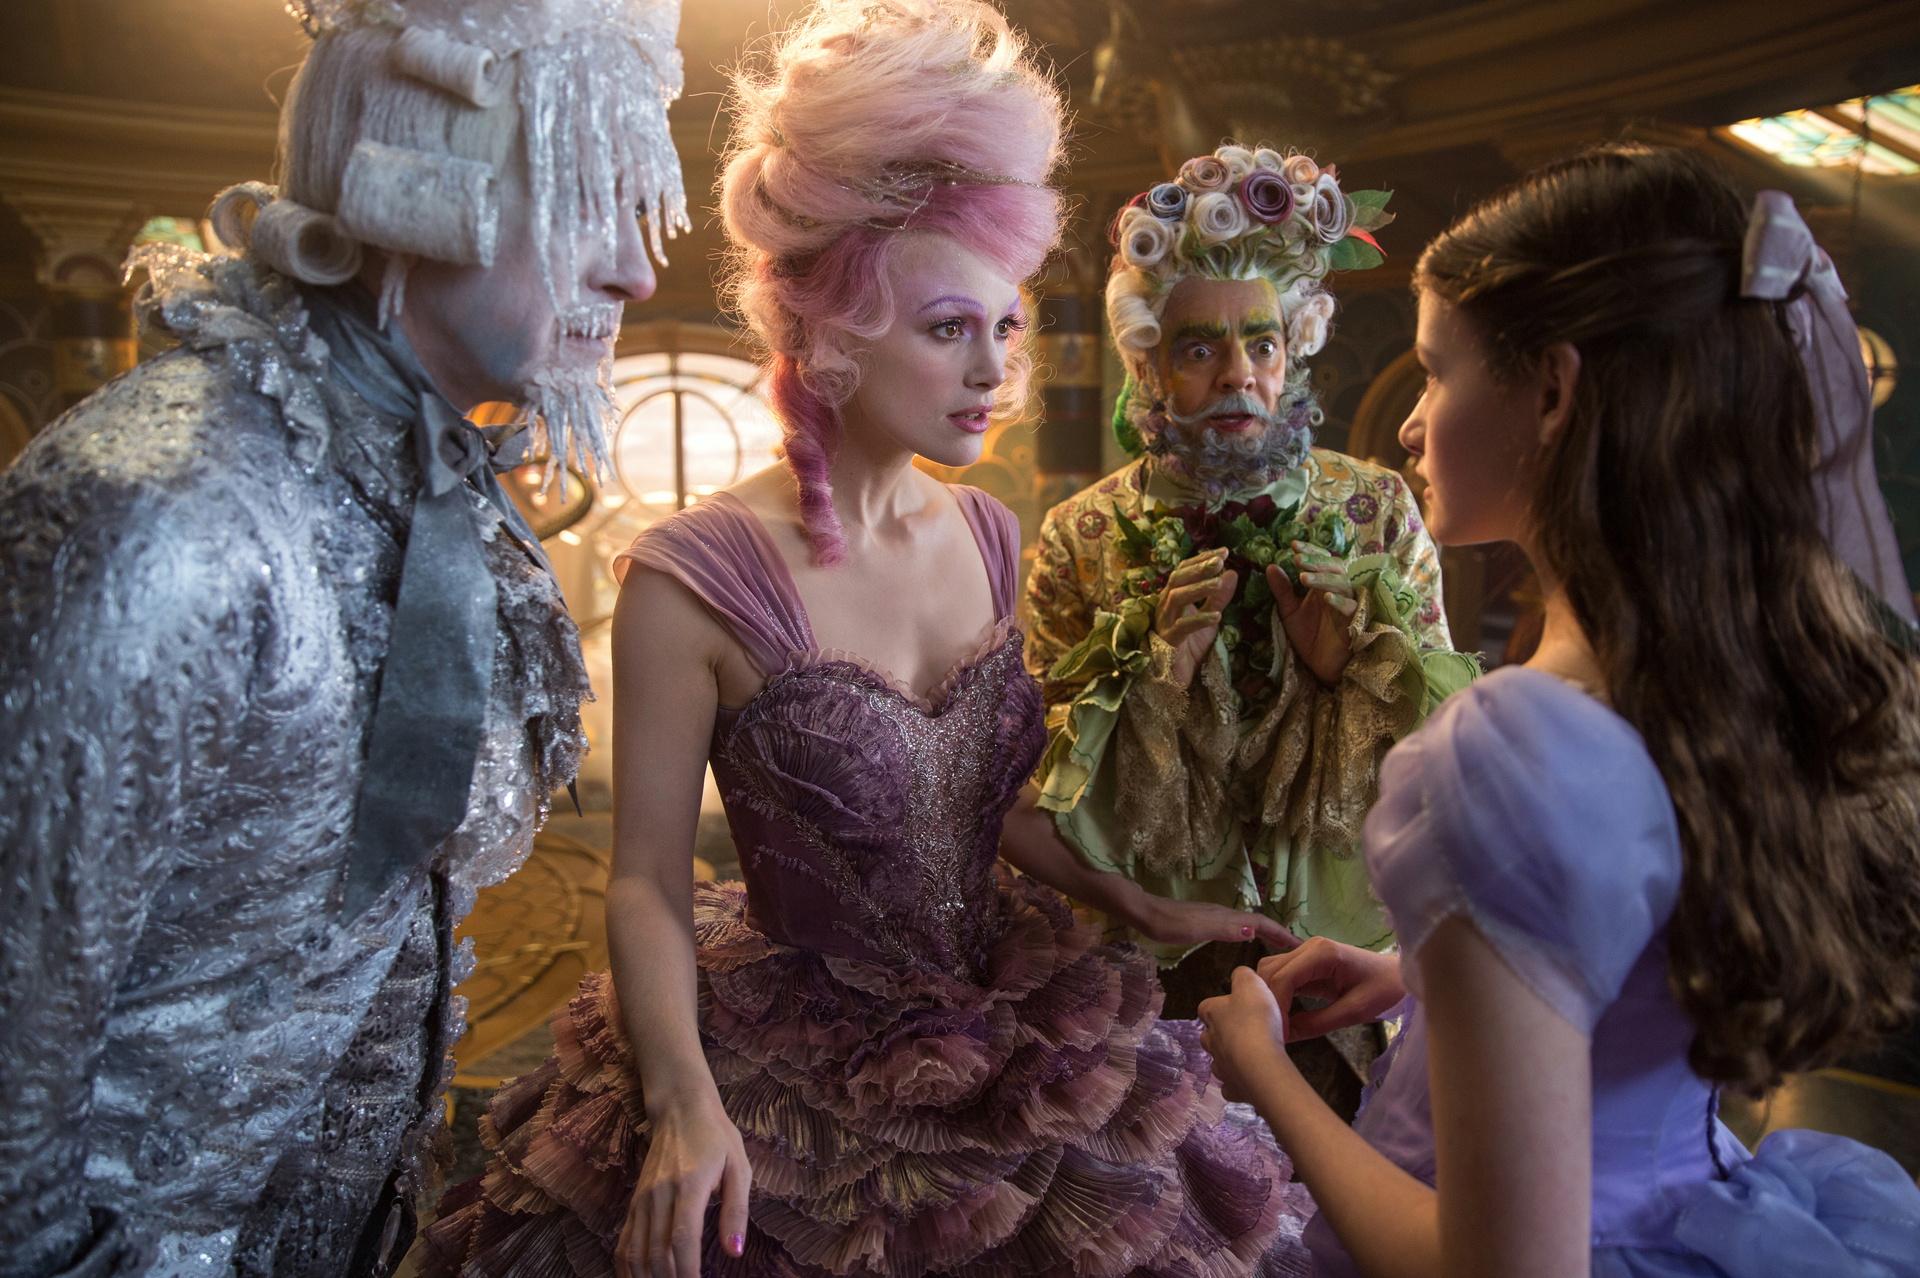 Skurrile Gestalten: Clara (Mackenzie Foy, r.) trifft in der Fantasiewelt die Zuckerfee (Keira Knightley) / © Disney 2018